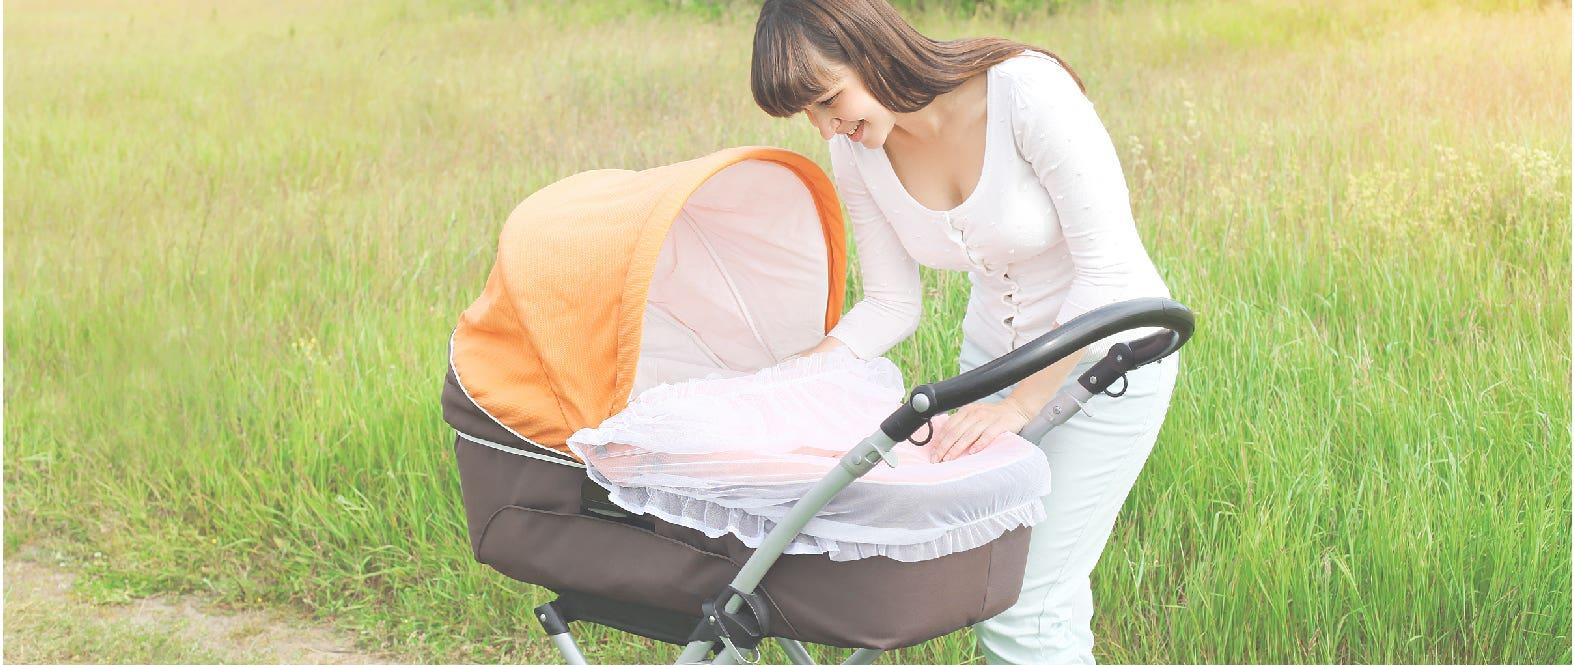 Recién nacido: ¿Cuándo puedo sacarlo a pasear?